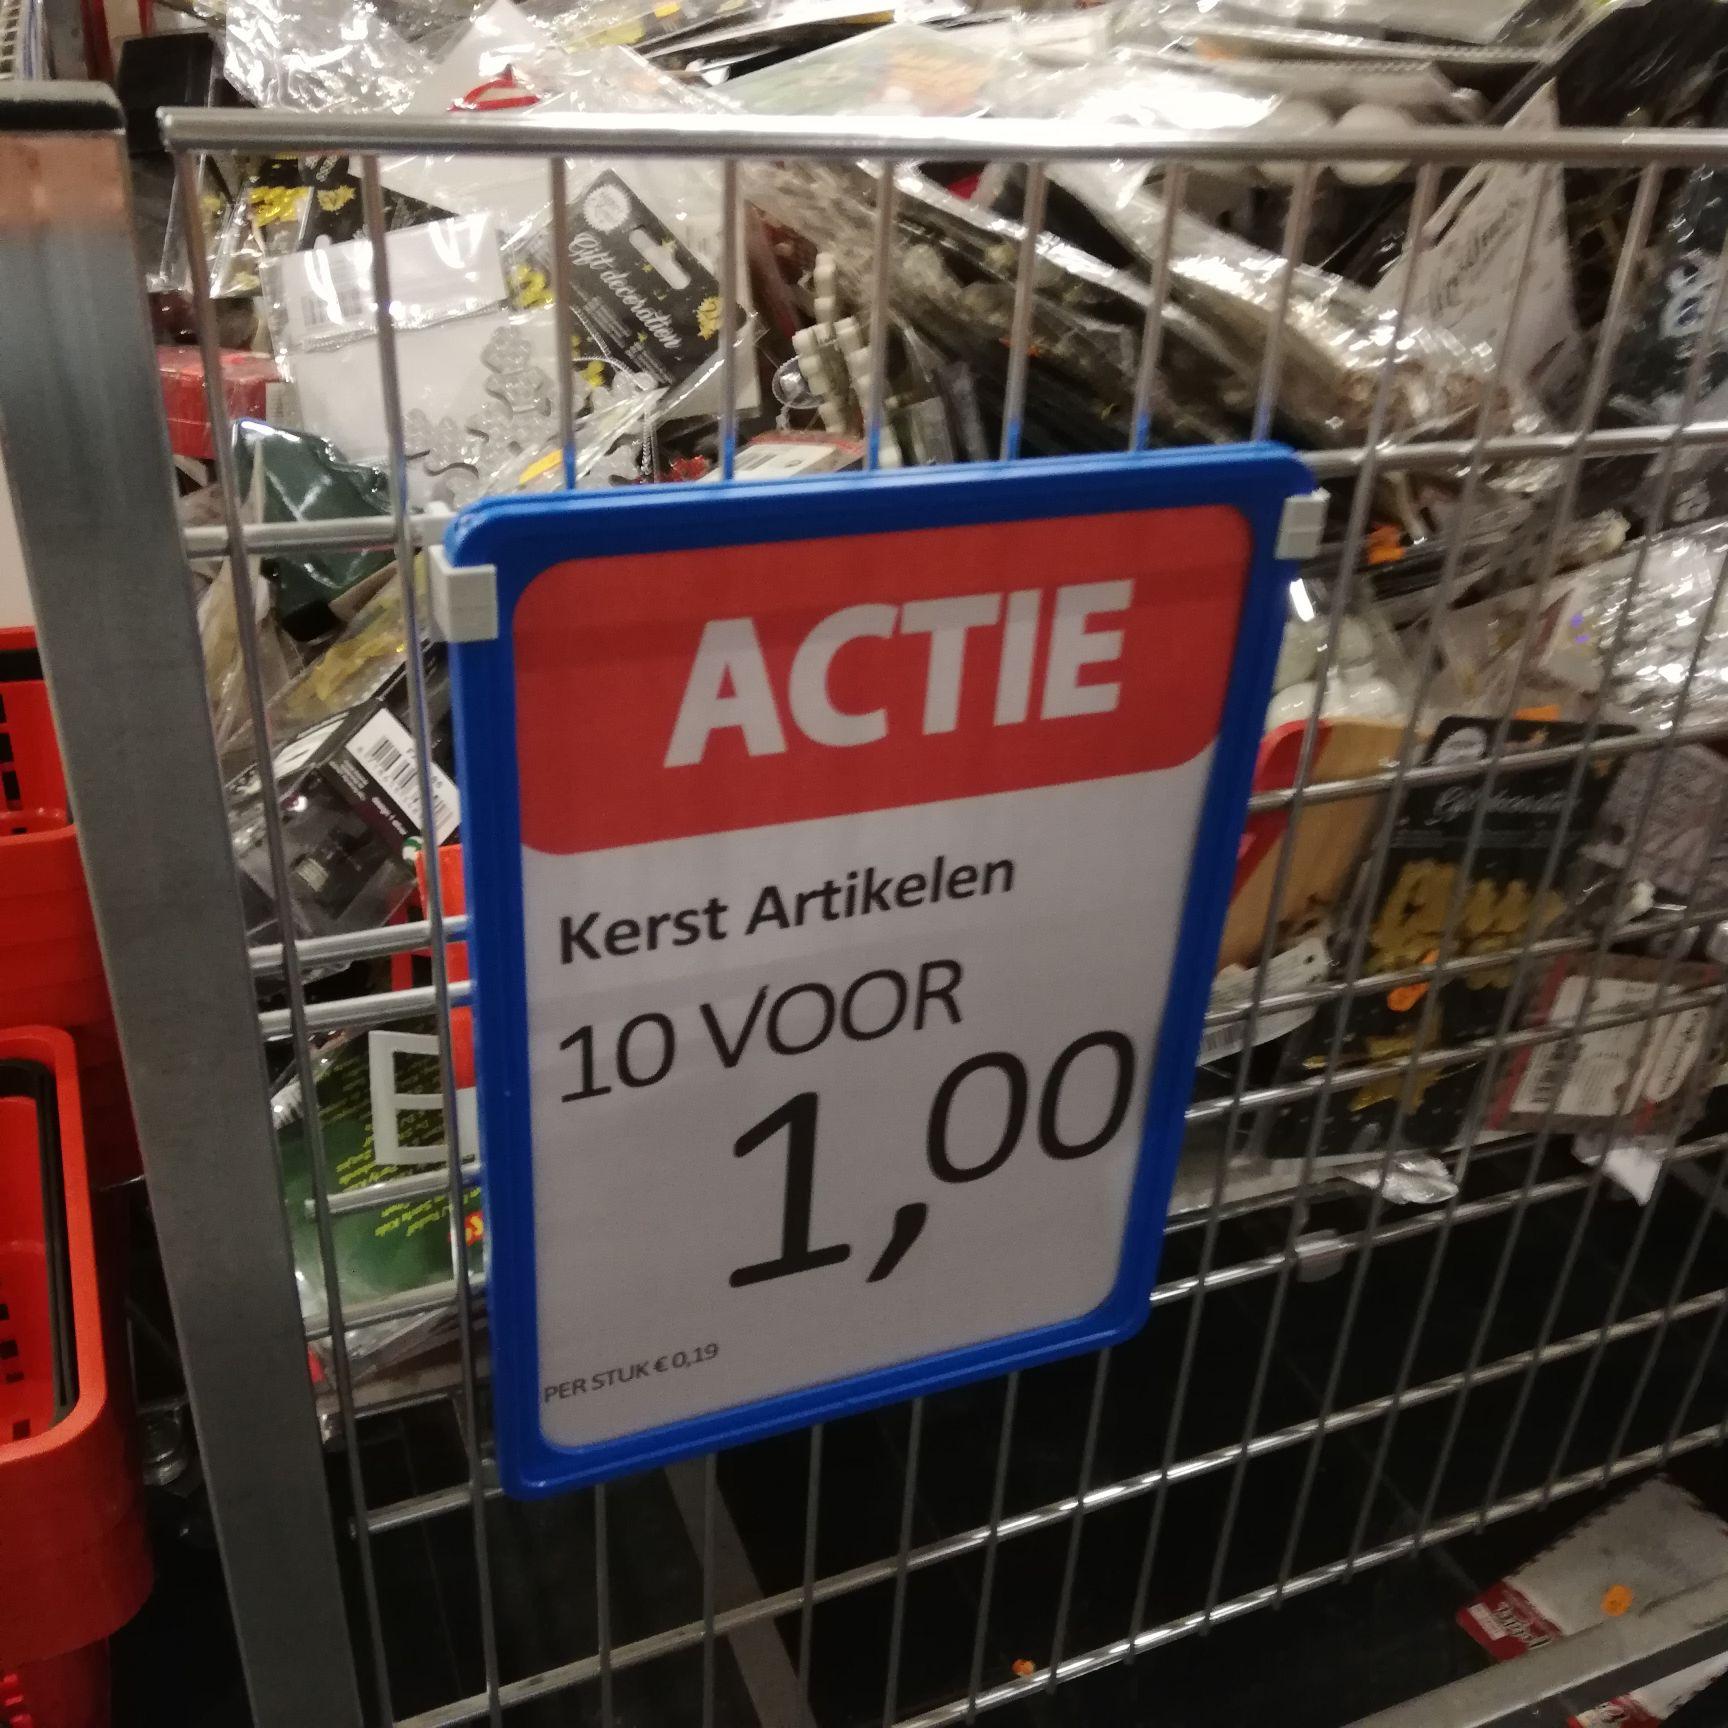 Kerstartikelen 10 voor 1 euro! Die Grenze (Assen)